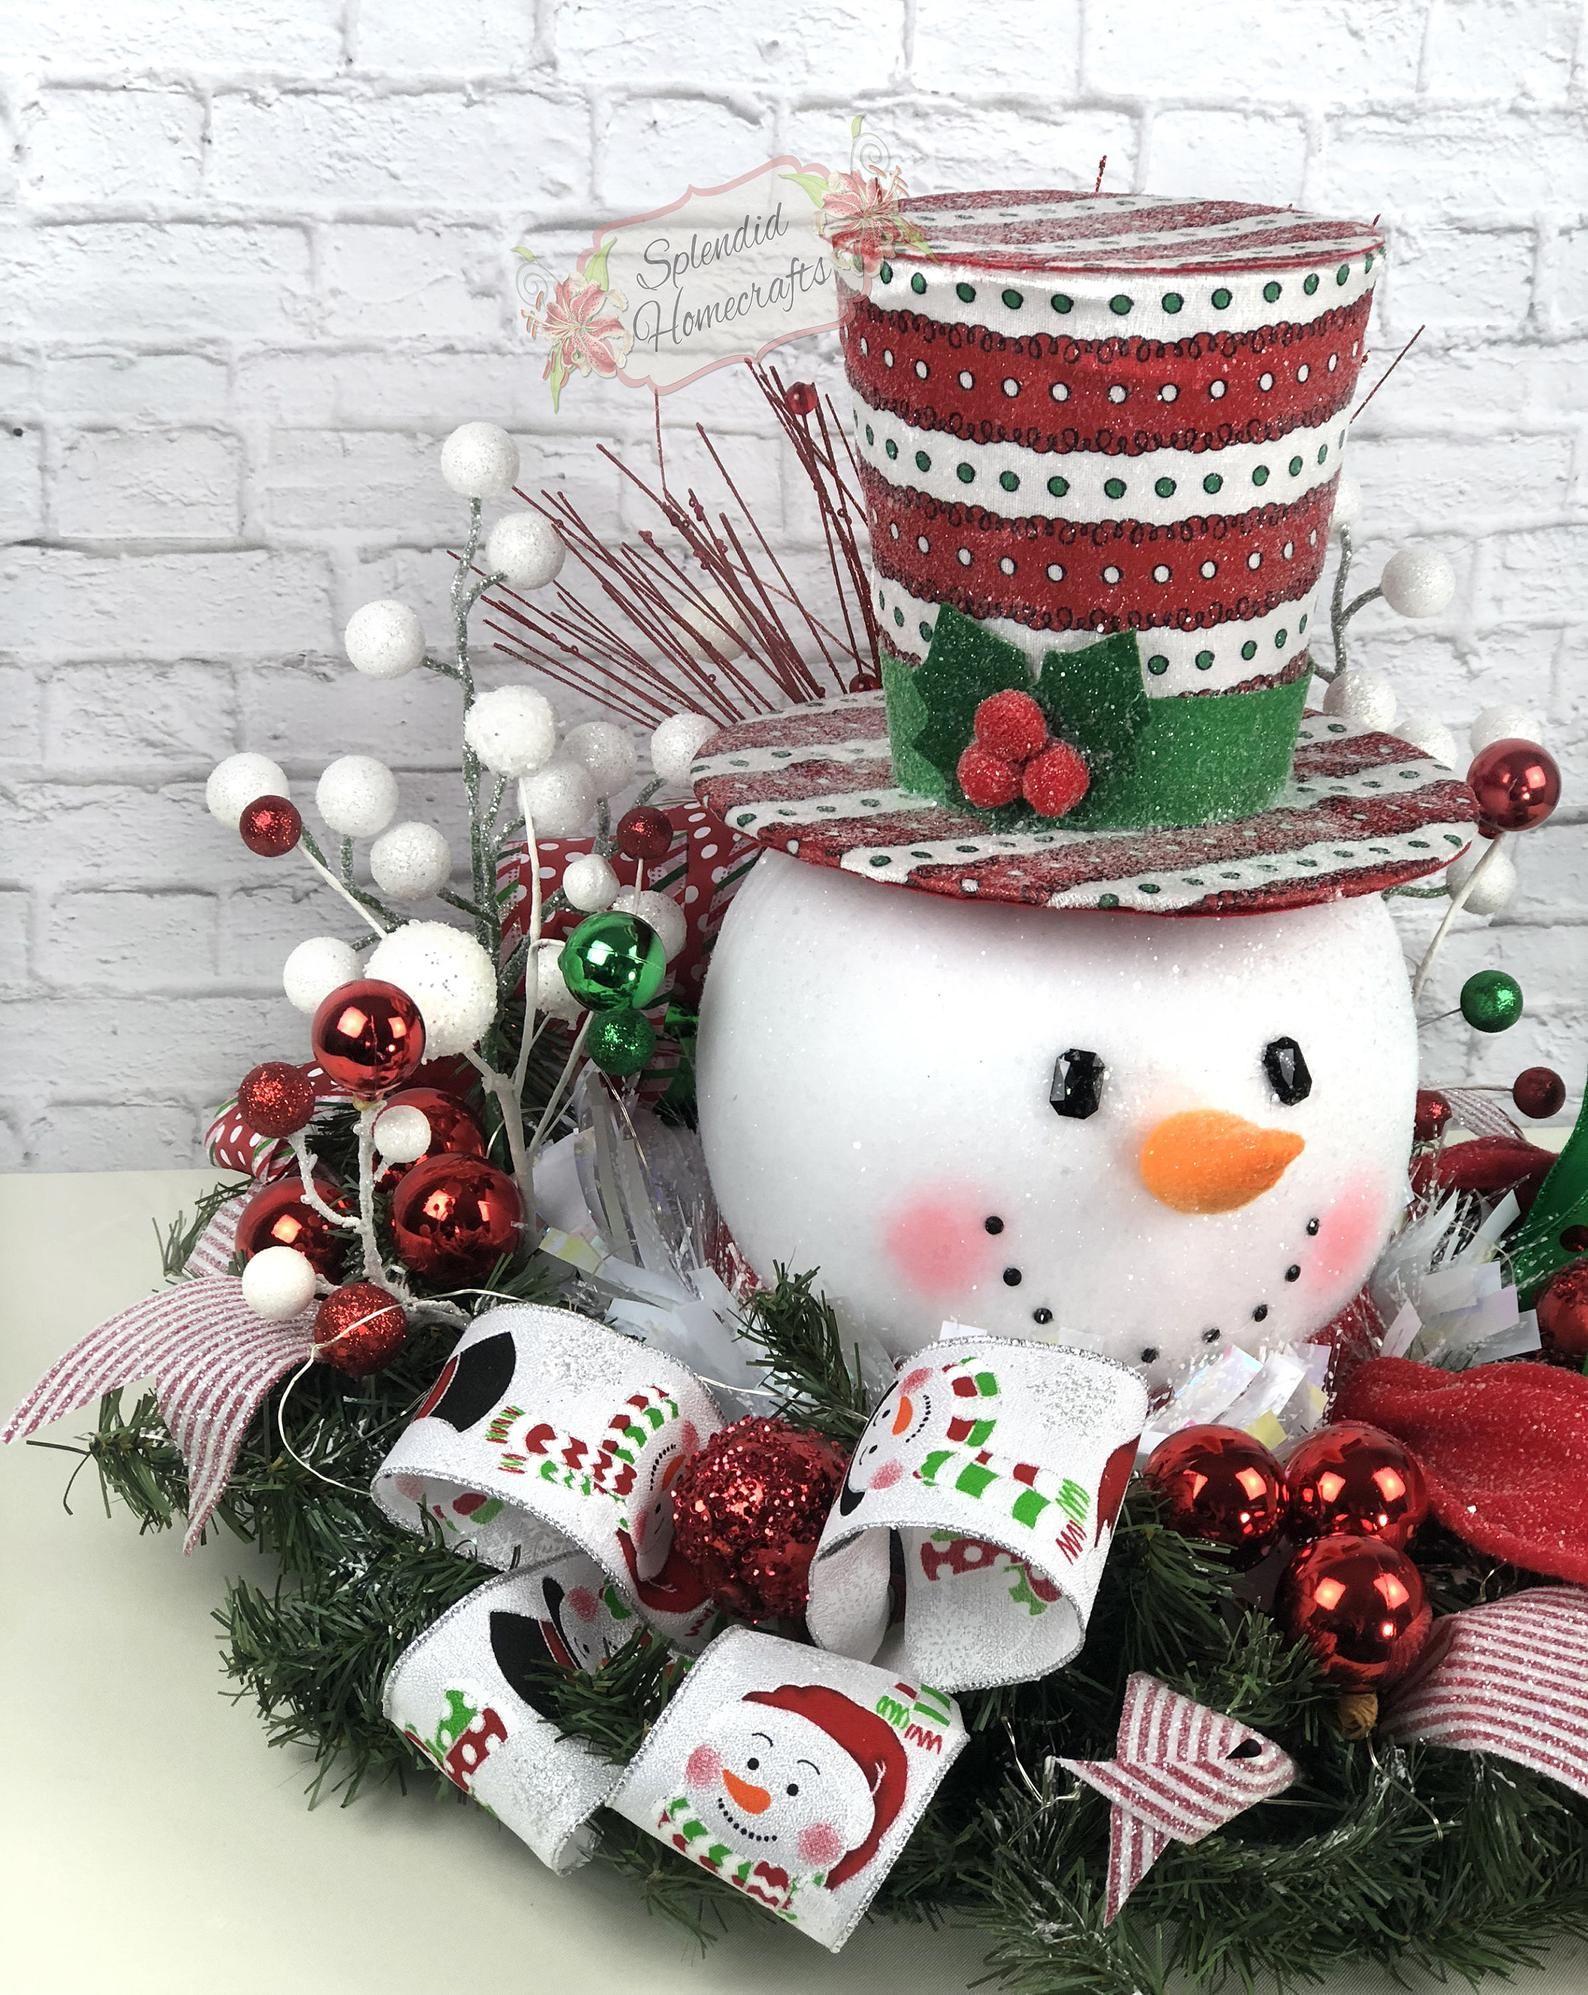 Light up Snowman Centerpiece, Christmas Centerpiece, Red